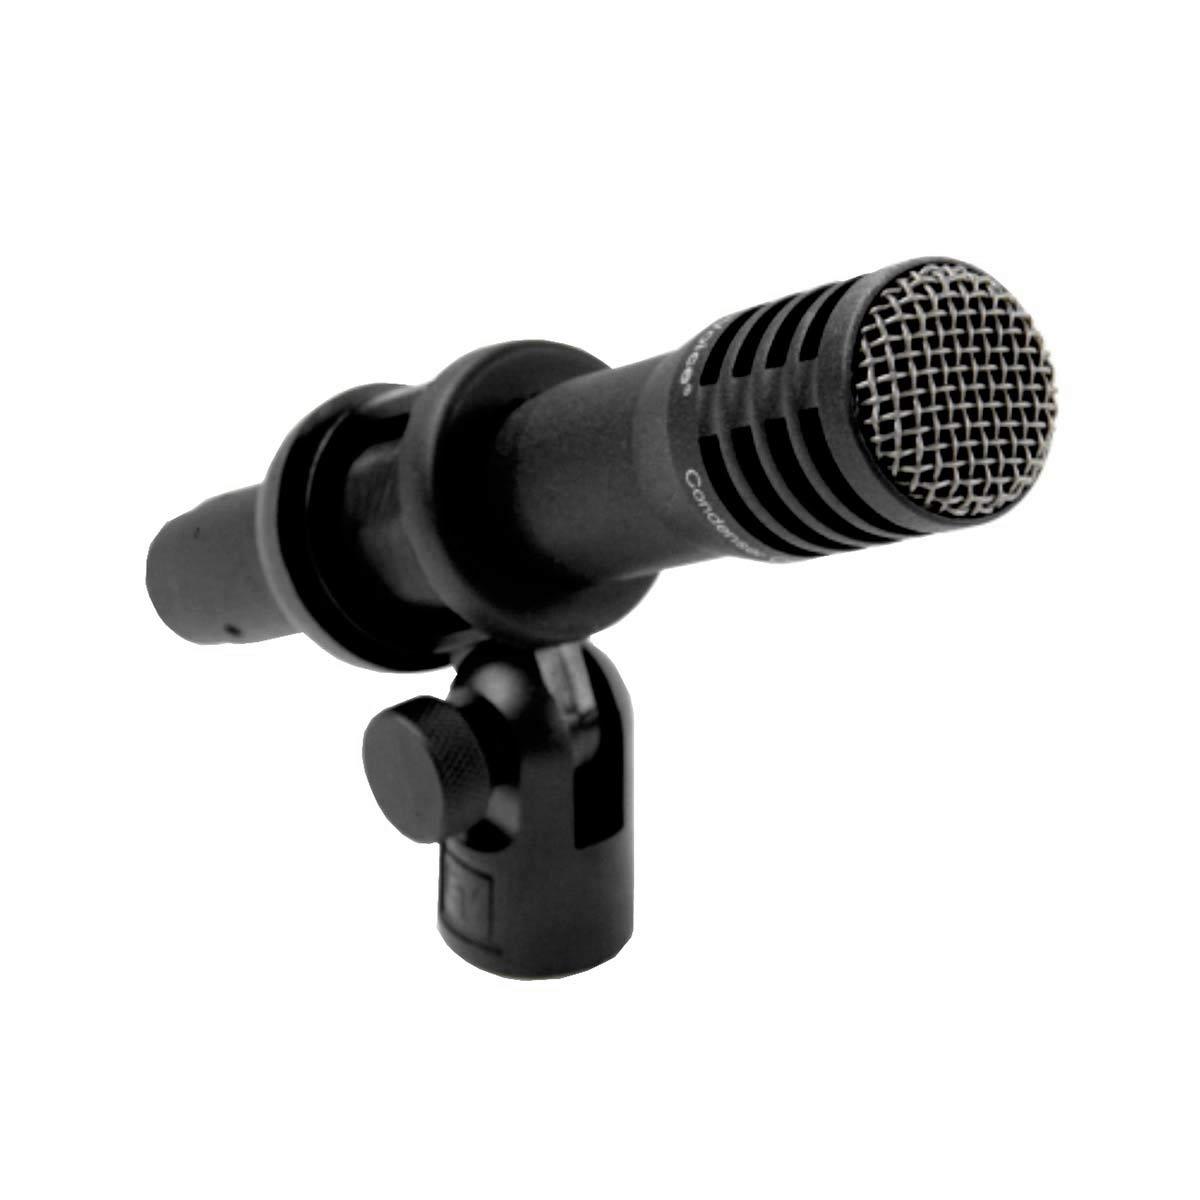 PL37 - Microfone c/ Fio p/ Pratos e Intrumentos PL 37 - Electro-Voice